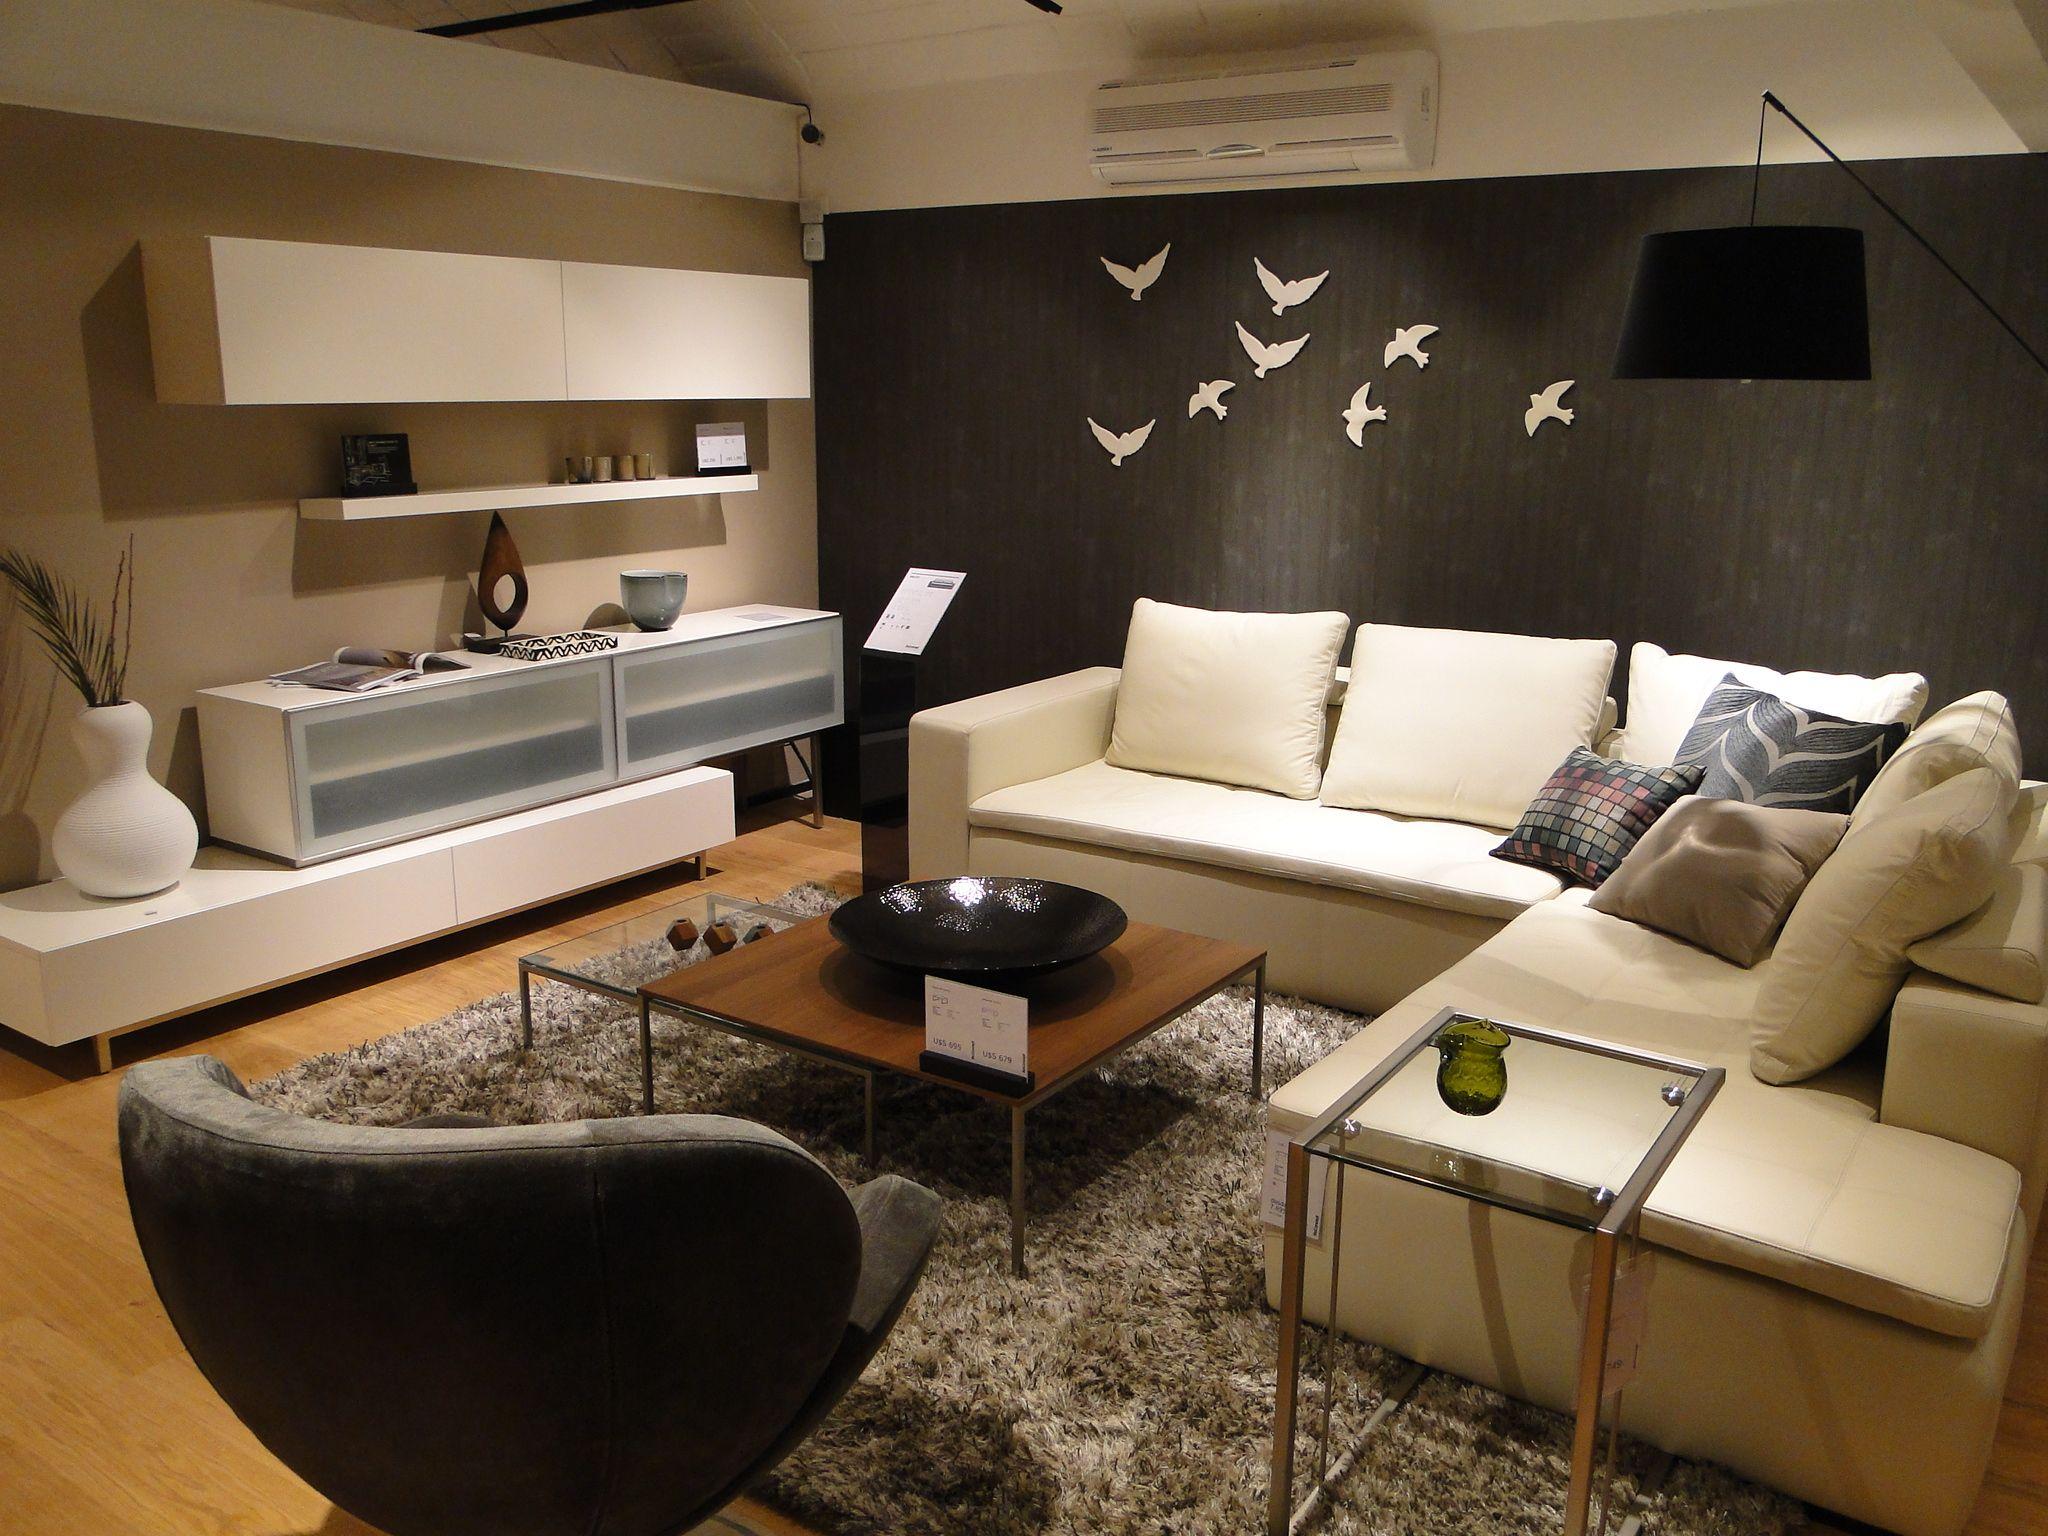 boconcept punta del este inspiring showrooms pinterest. Black Bedroom Furniture Sets. Home Design Ideas